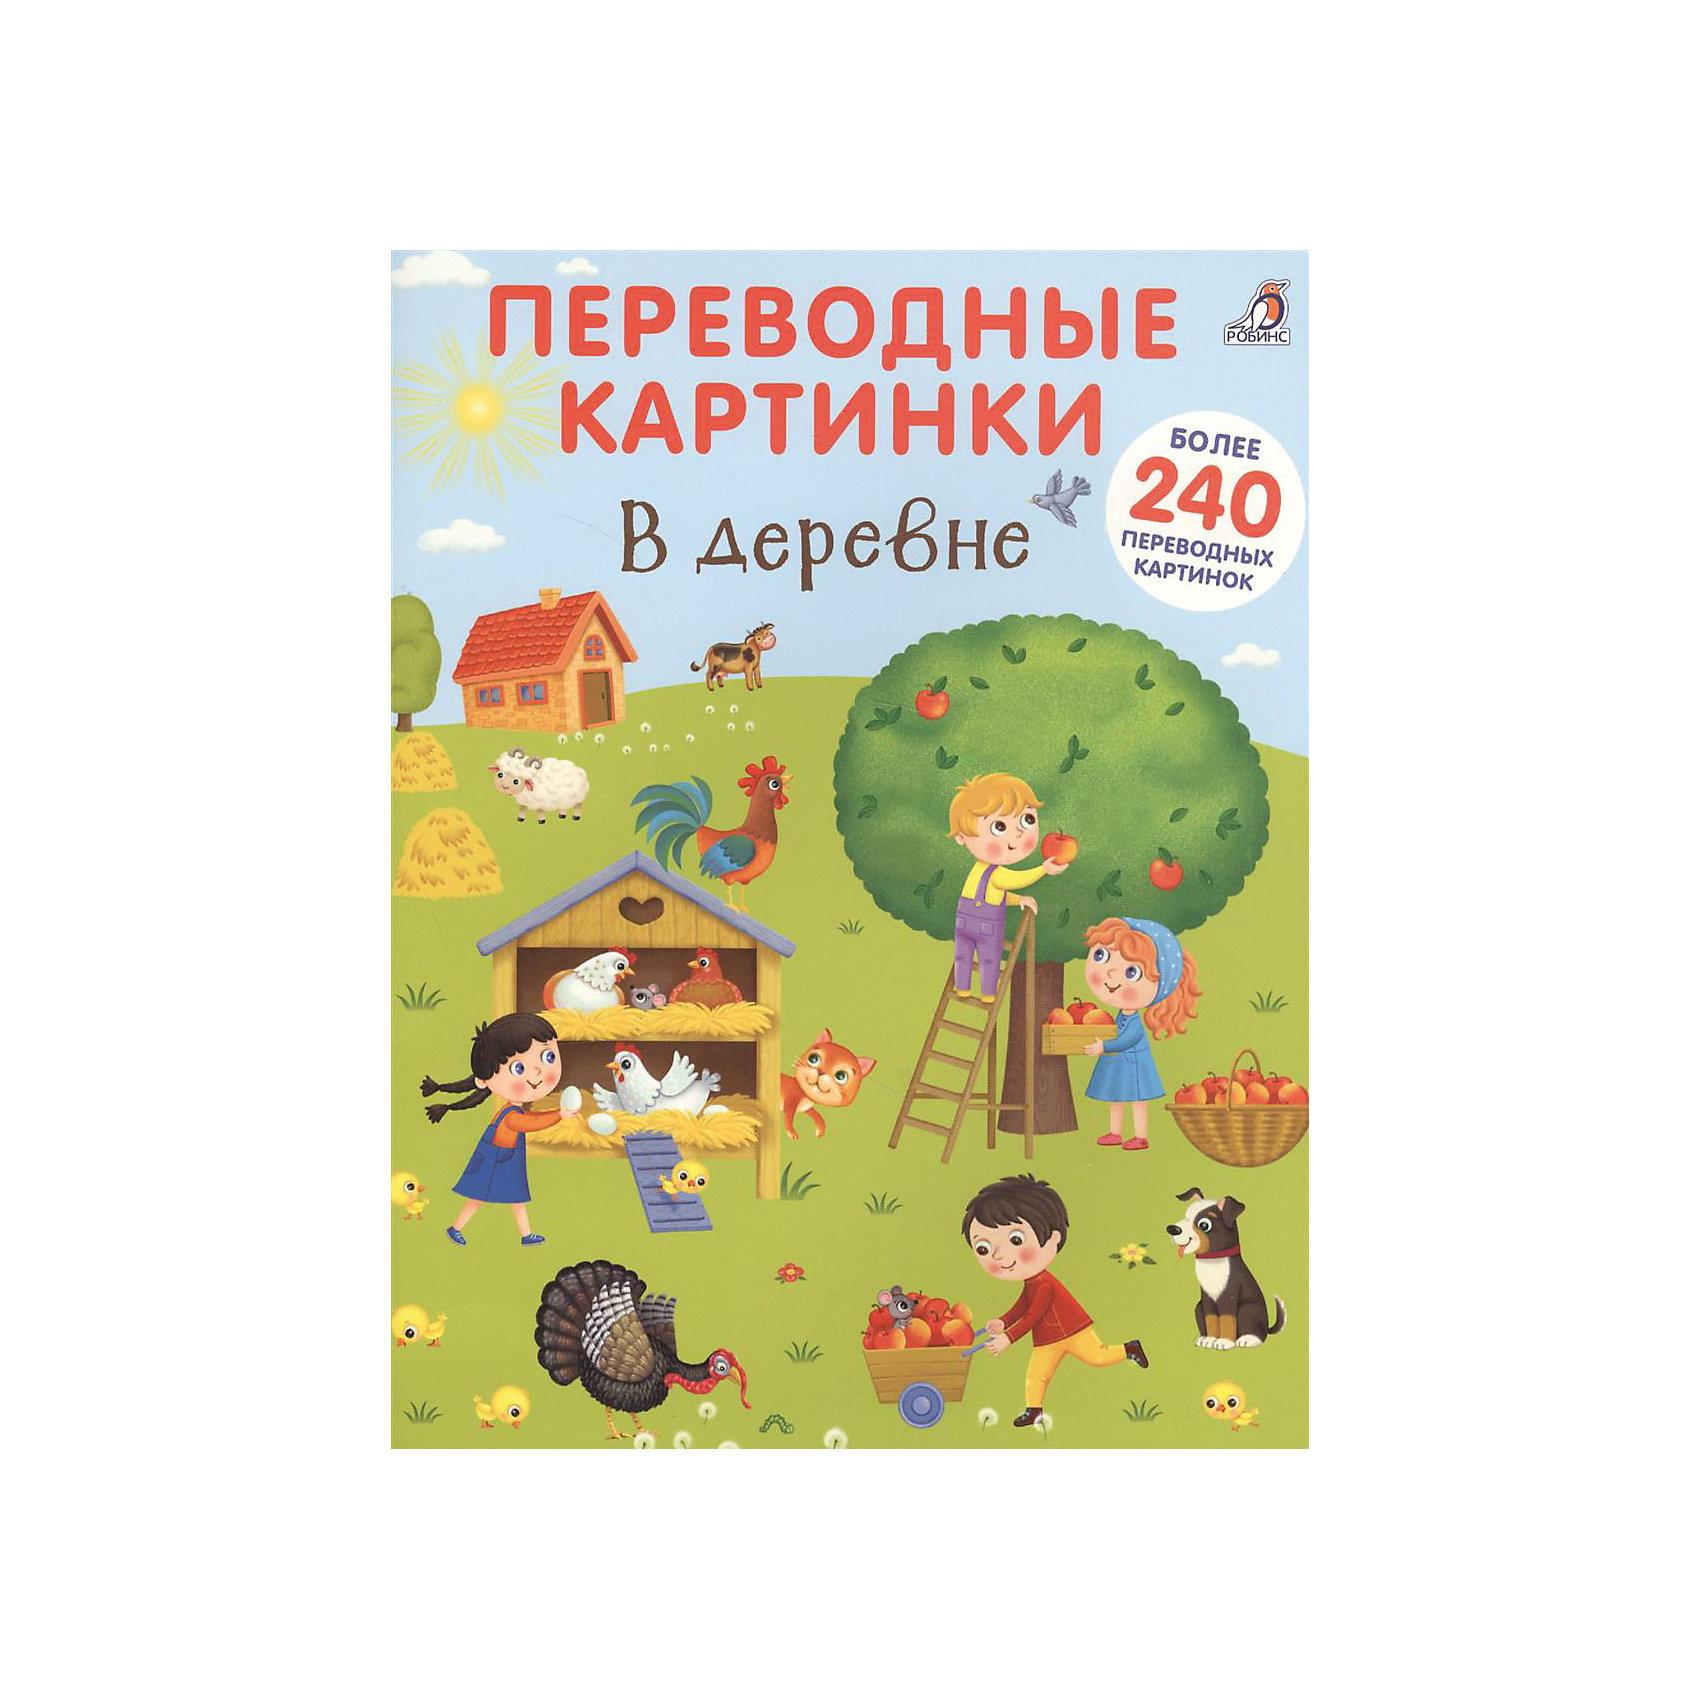 вкусных переводные картинки для книжек приложении фото печатное